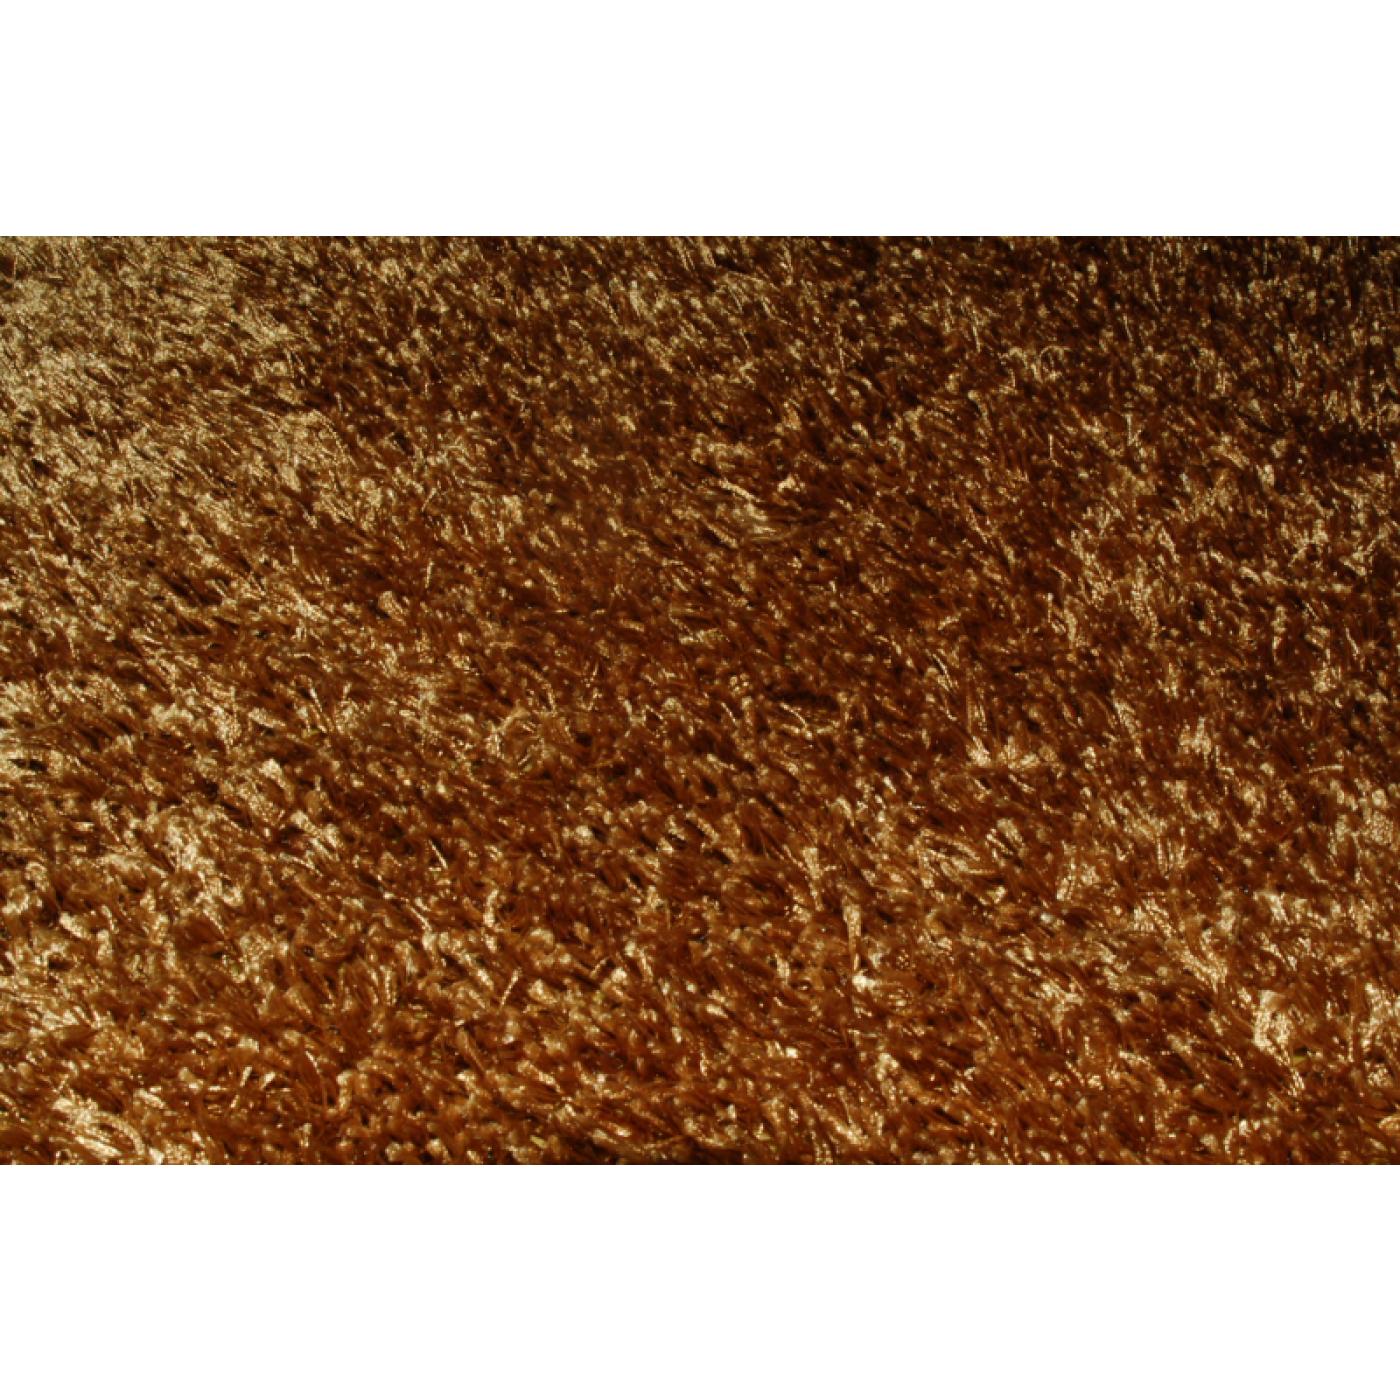 Vloerkleed maat 170 x 230 Karpet 29